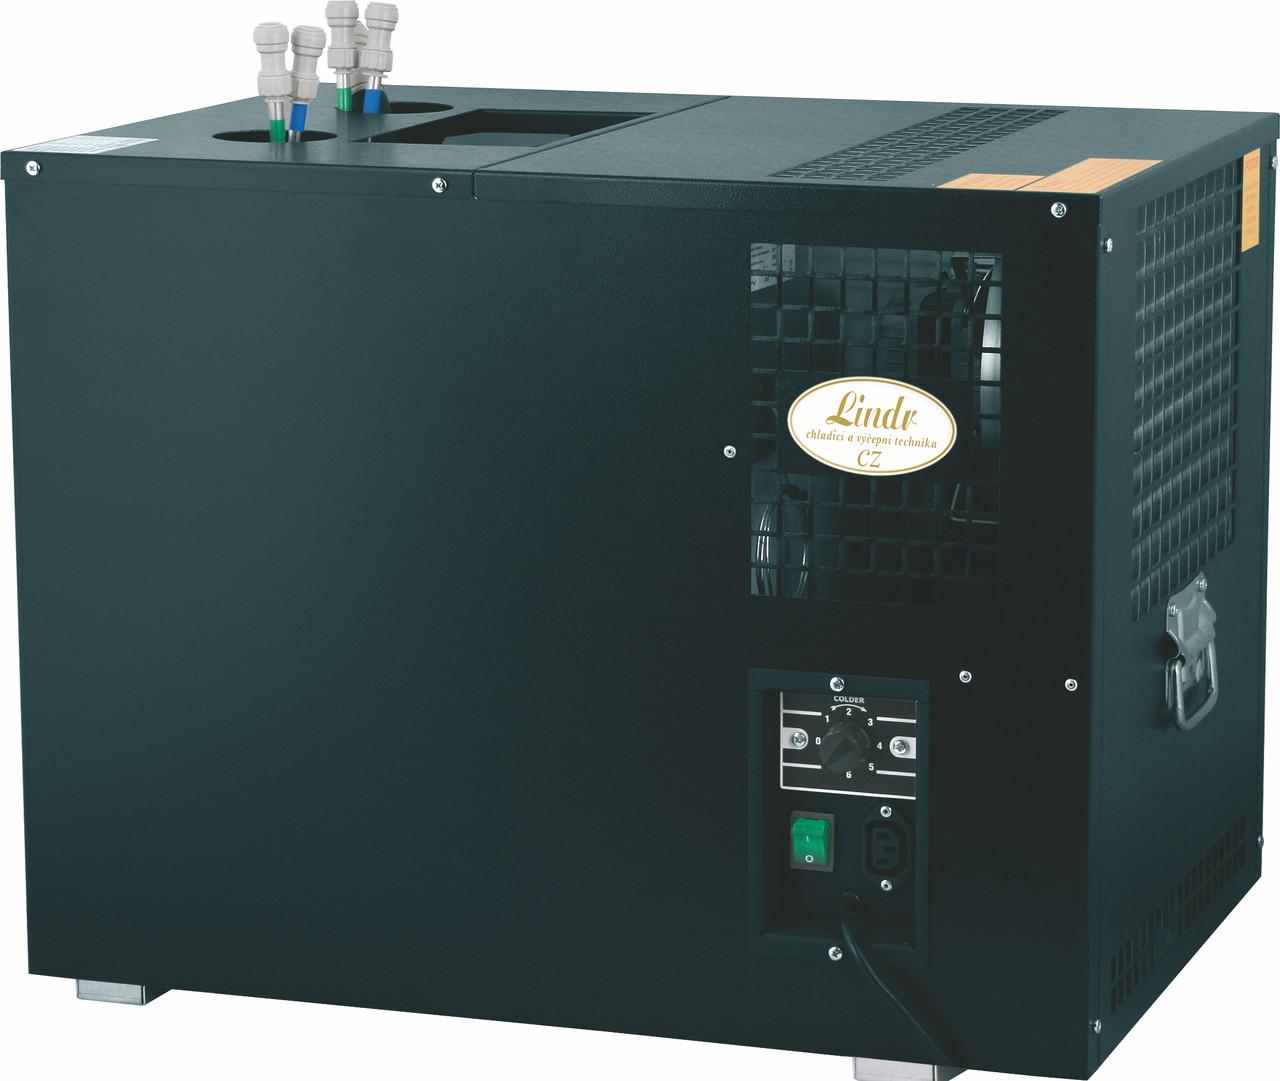 Подстоечный проточный пивной охладитель - 110 л/ч - проточный, AS 110 (6 контуров), Lindr, Чехия